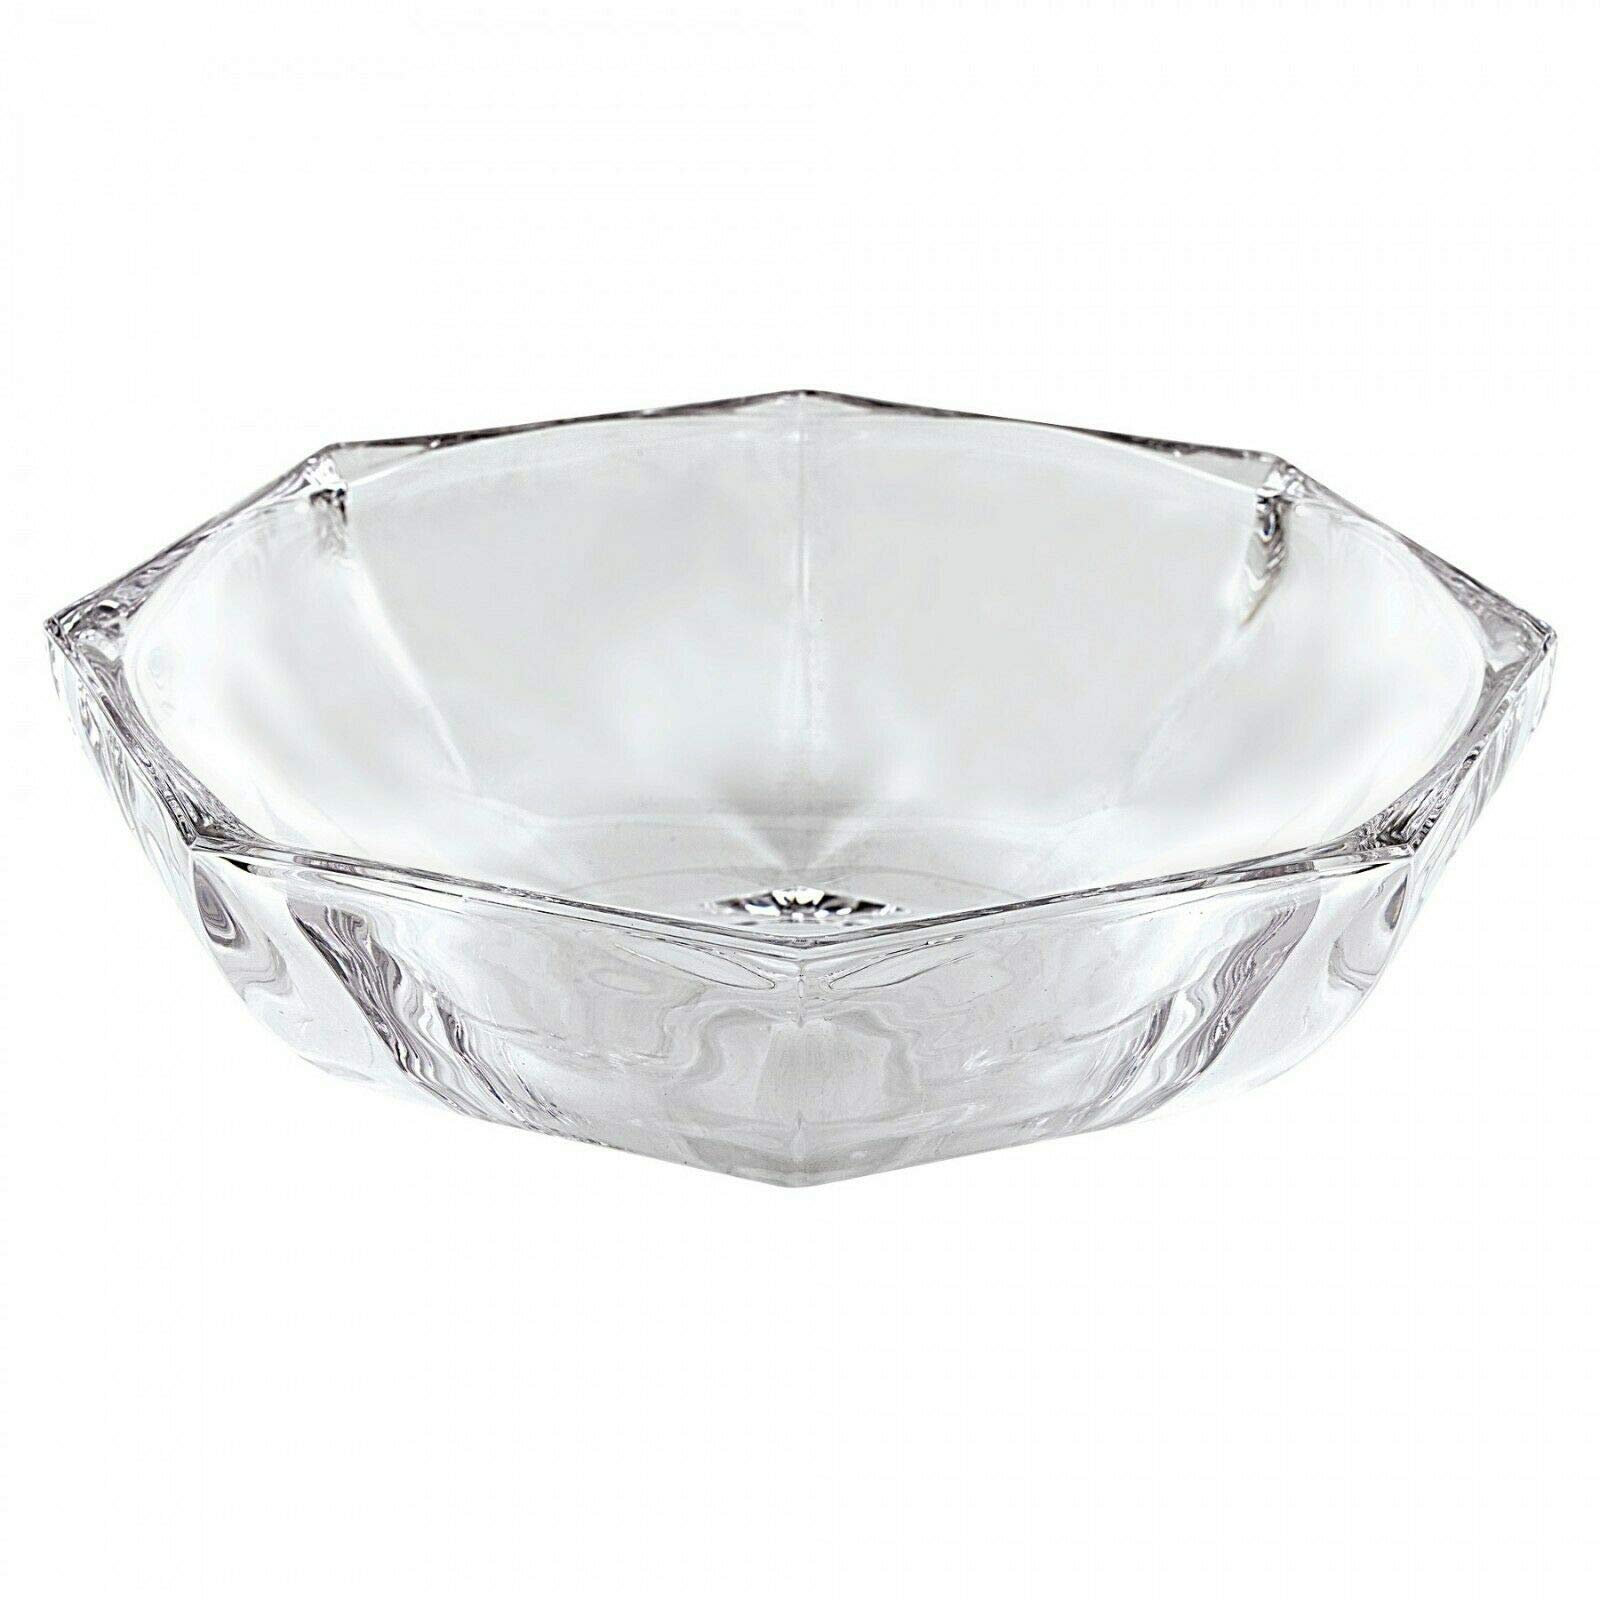 Badash Rio Serving Bowl, 10'' (TA681)     by Badash (Image #1)